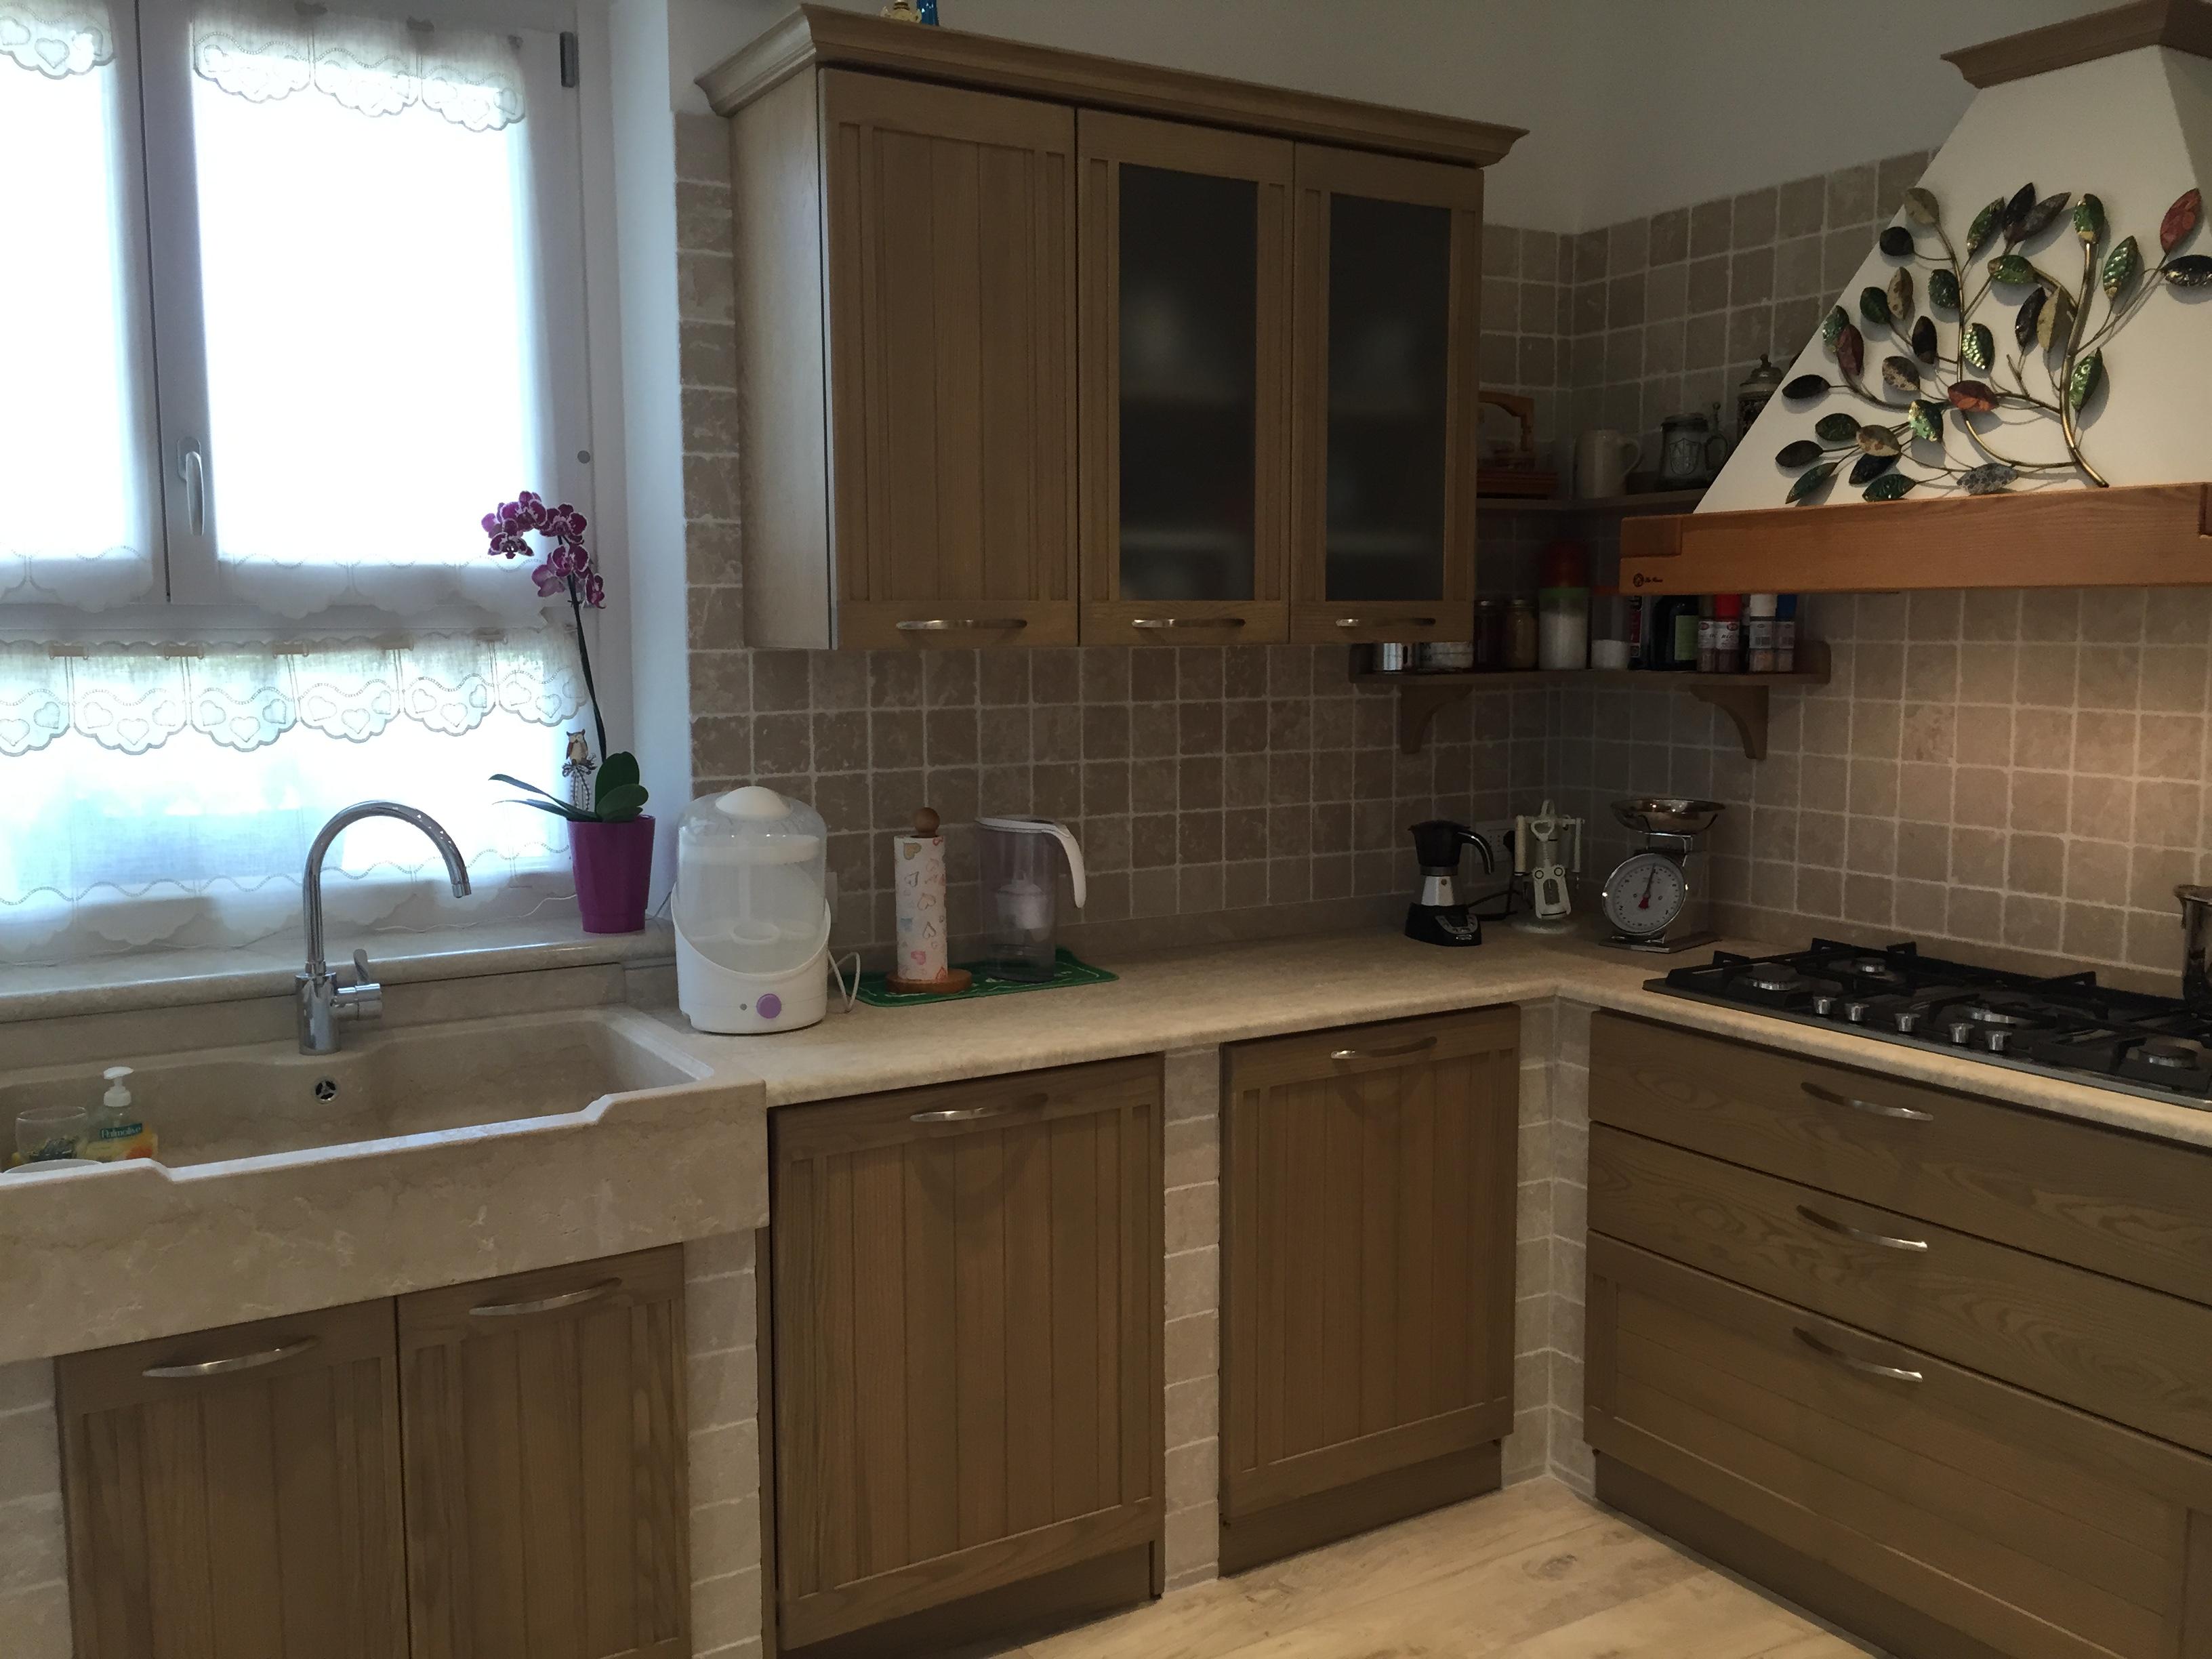 Lavelli in muratura - Mobili cucina ad angolo ...